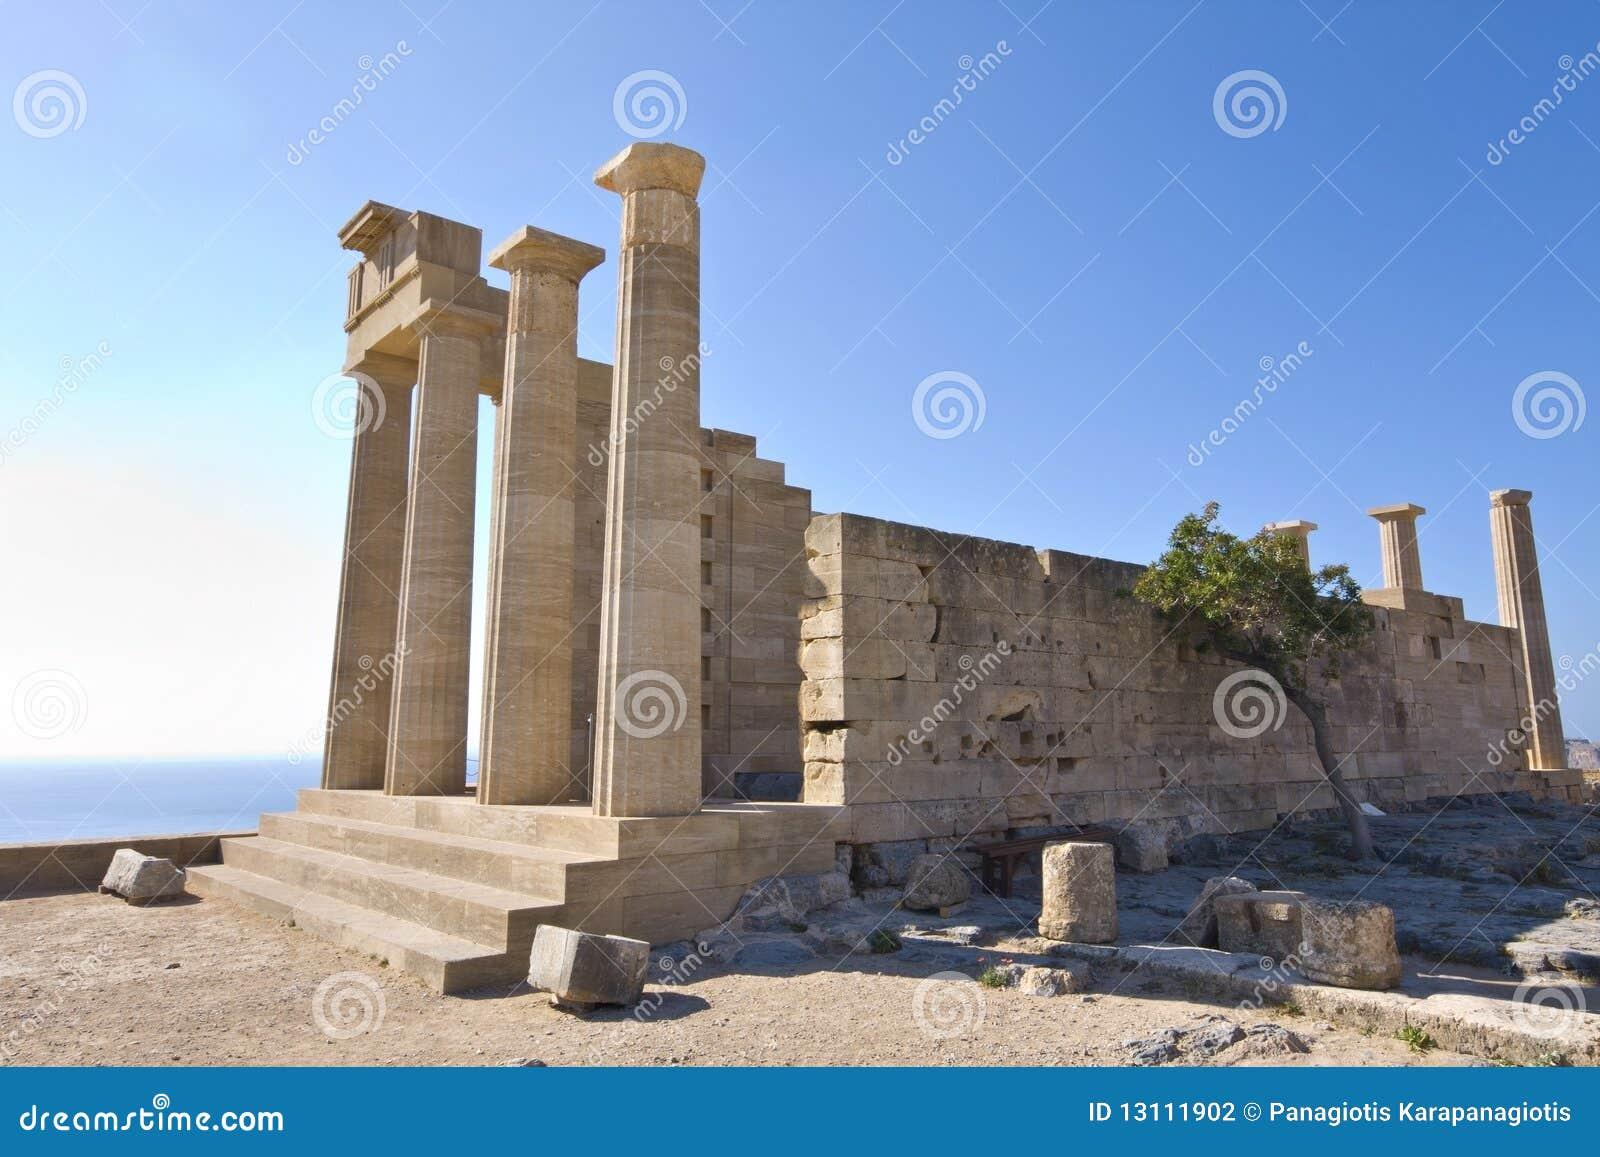 αρχαία Lindos Ρόδος περιοχής α&kap Στοκ Εικόνες - εικόνα από ...